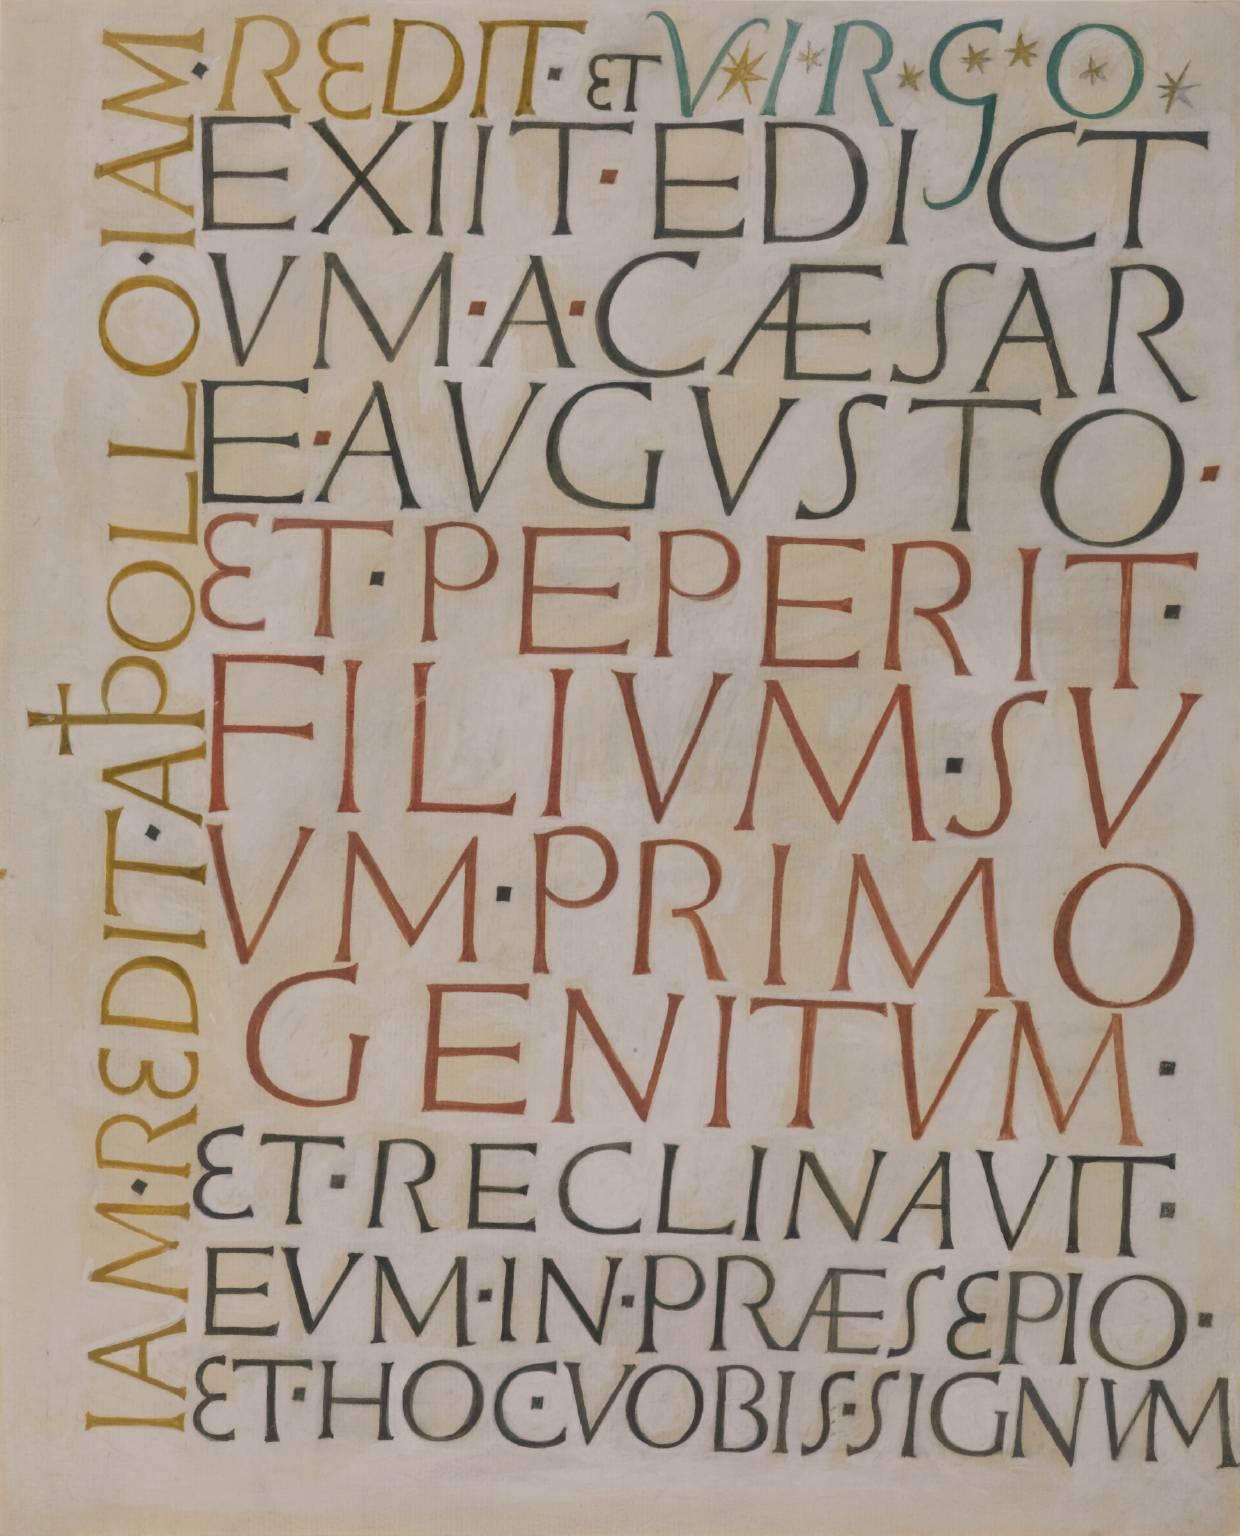 Стих (Exiit Edictum)